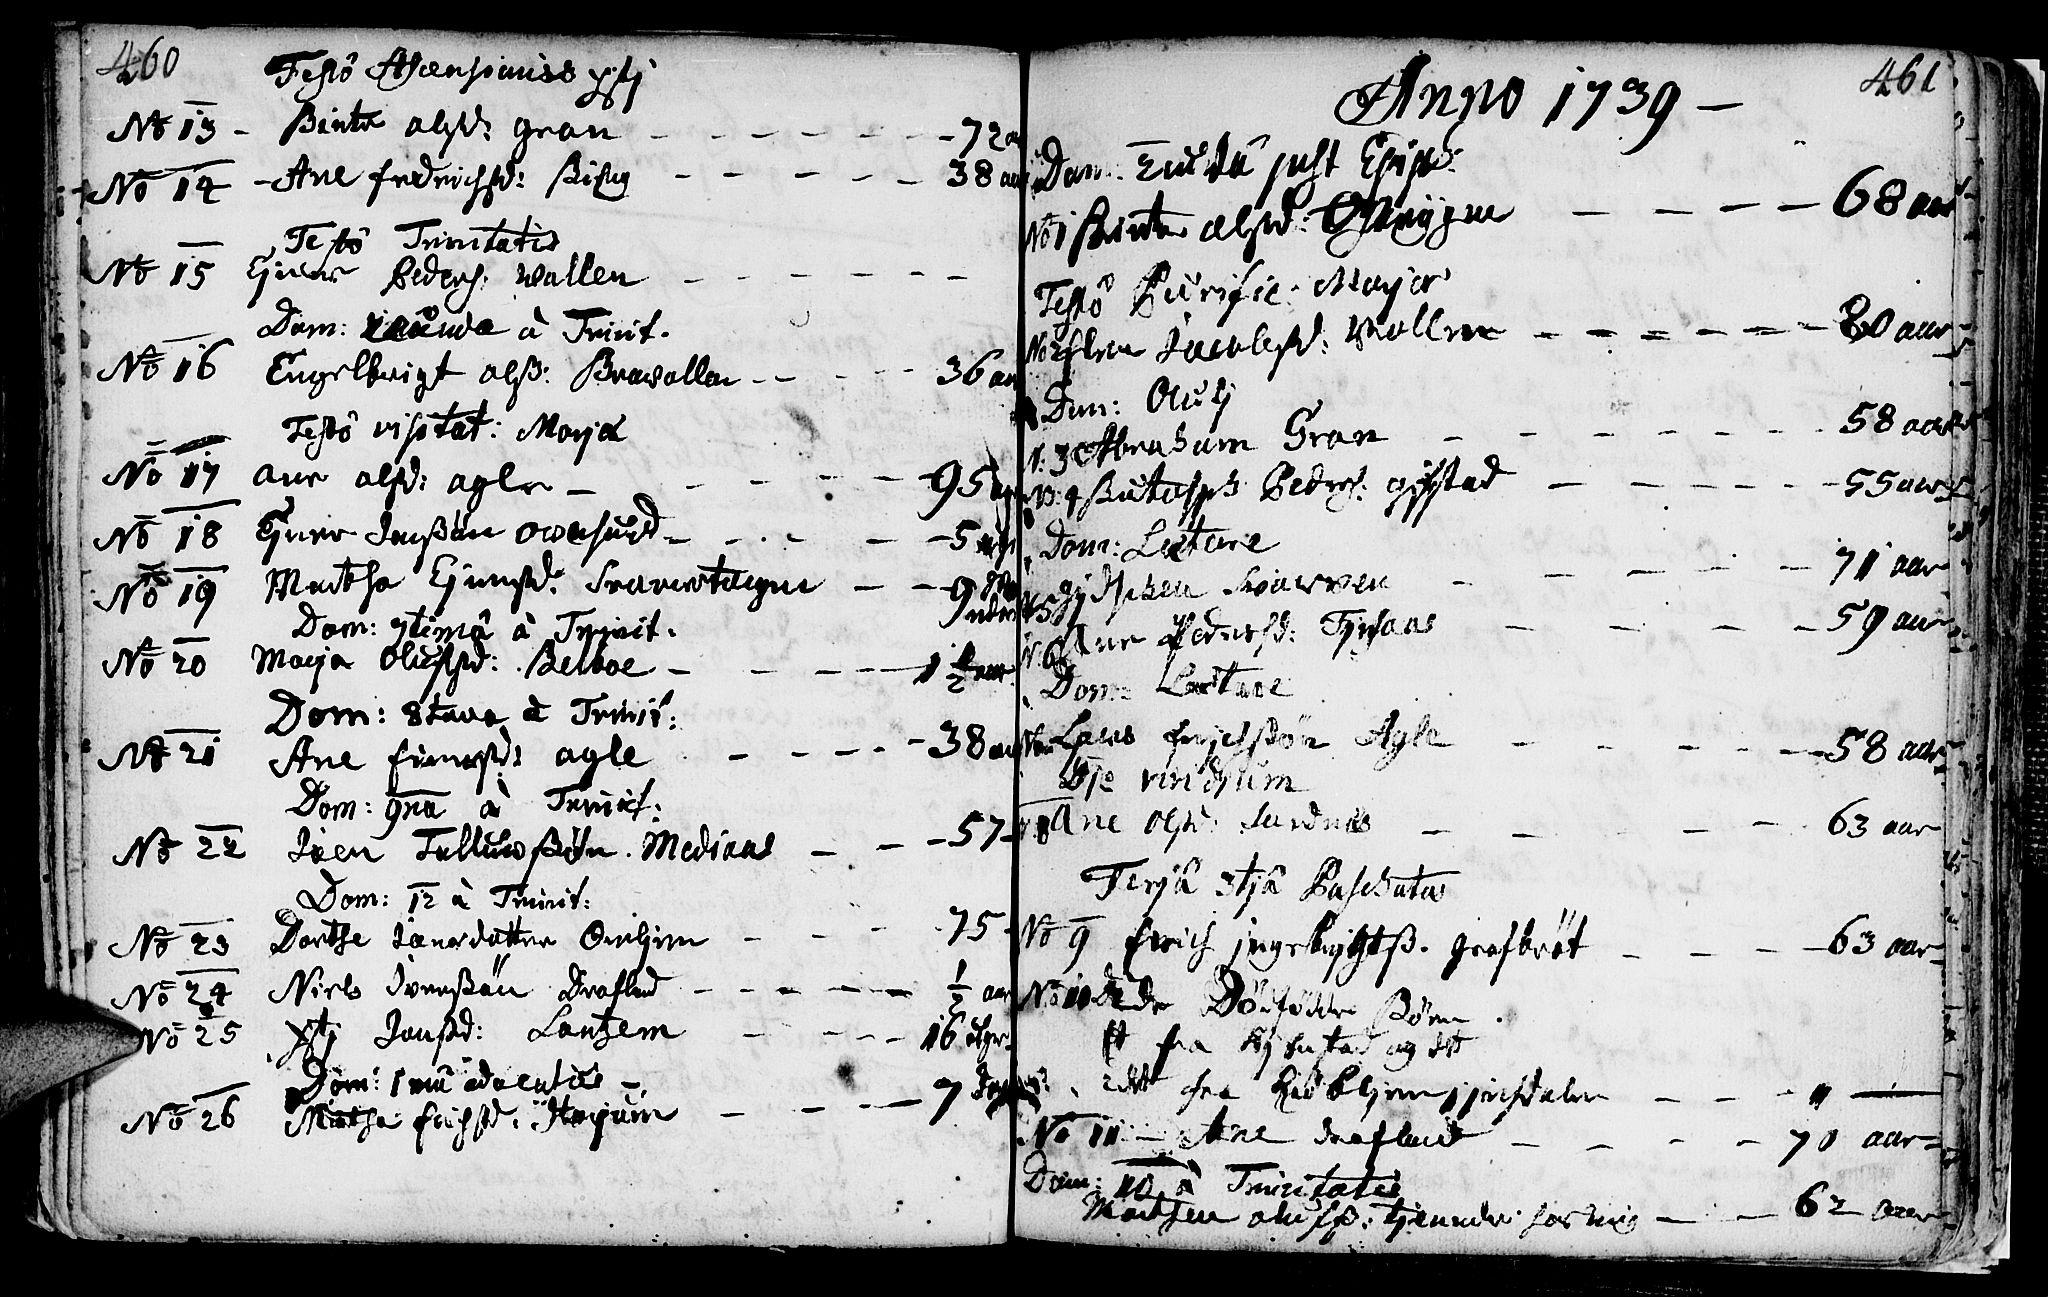 SAT, Ministerialprotokoller, klokkerbøker og fødselsregistre - Nord-Trøndelag, 749/L0467: Ministerialbok nr. 749A01, 1733-1787, s. 460-461